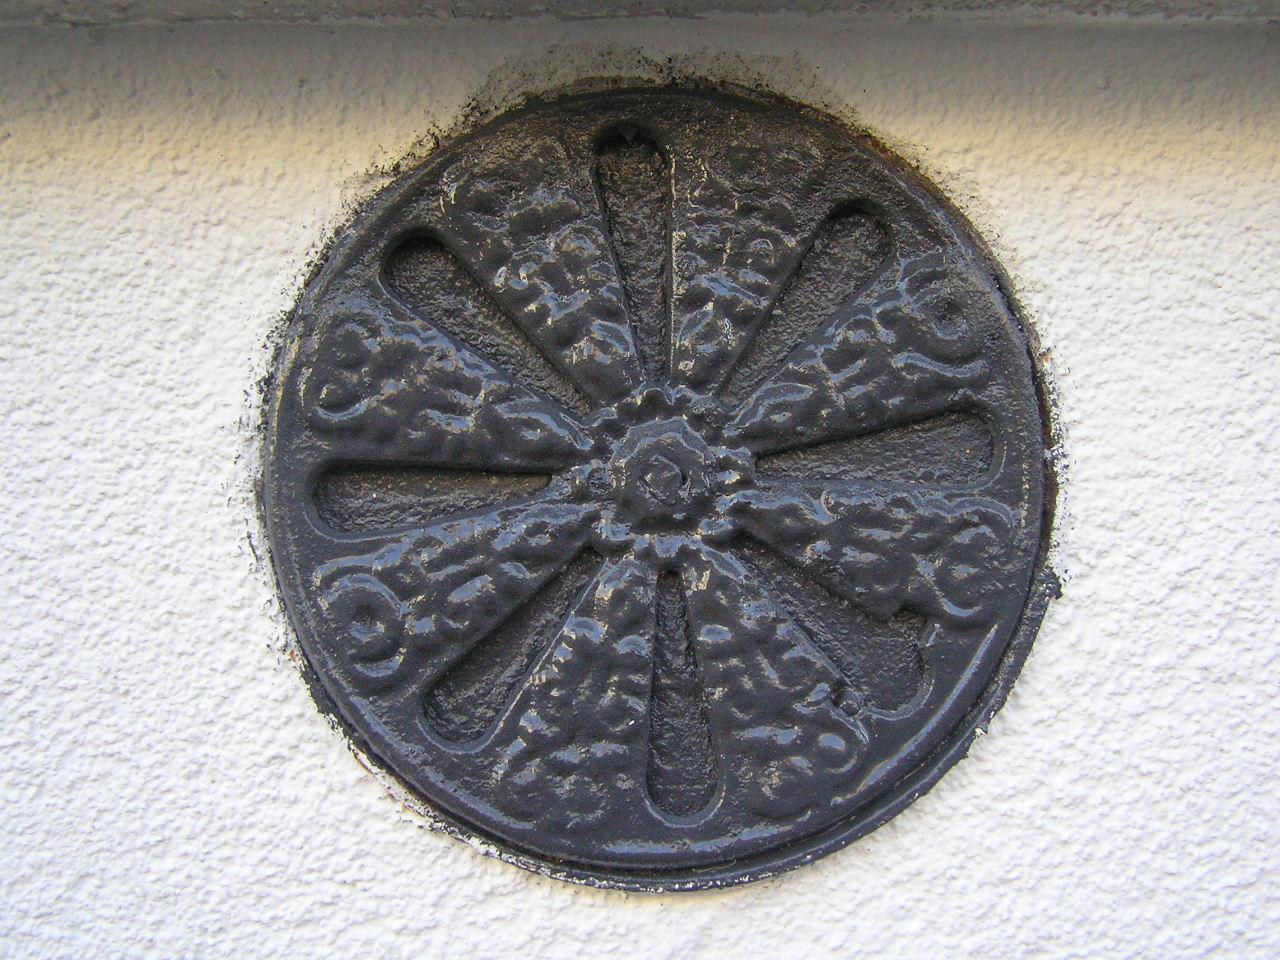 Kratka wentylacyjna umieszczona na kamienicy przy ulicy Modrzewiowej 3 na Grochowie